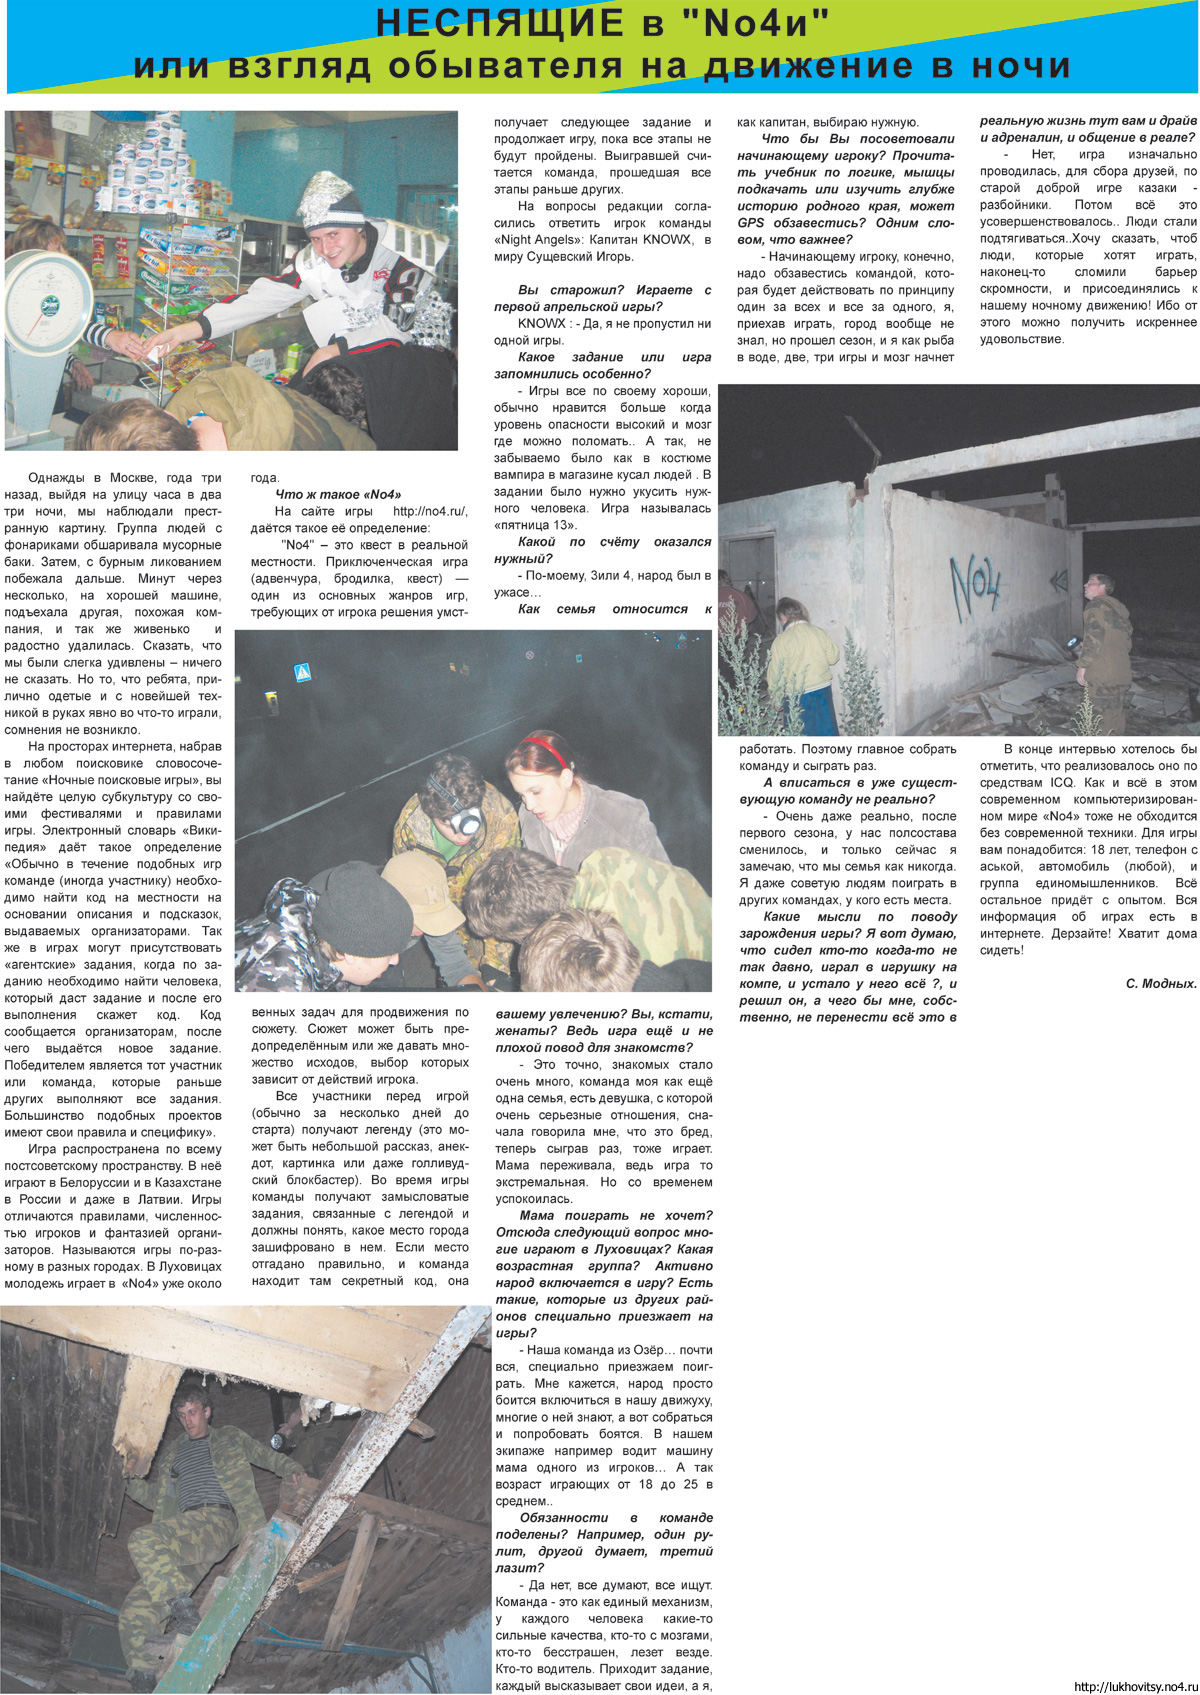 Статья в газете Источник Деловой Информации №31(69) от 27 ноября 2008 года